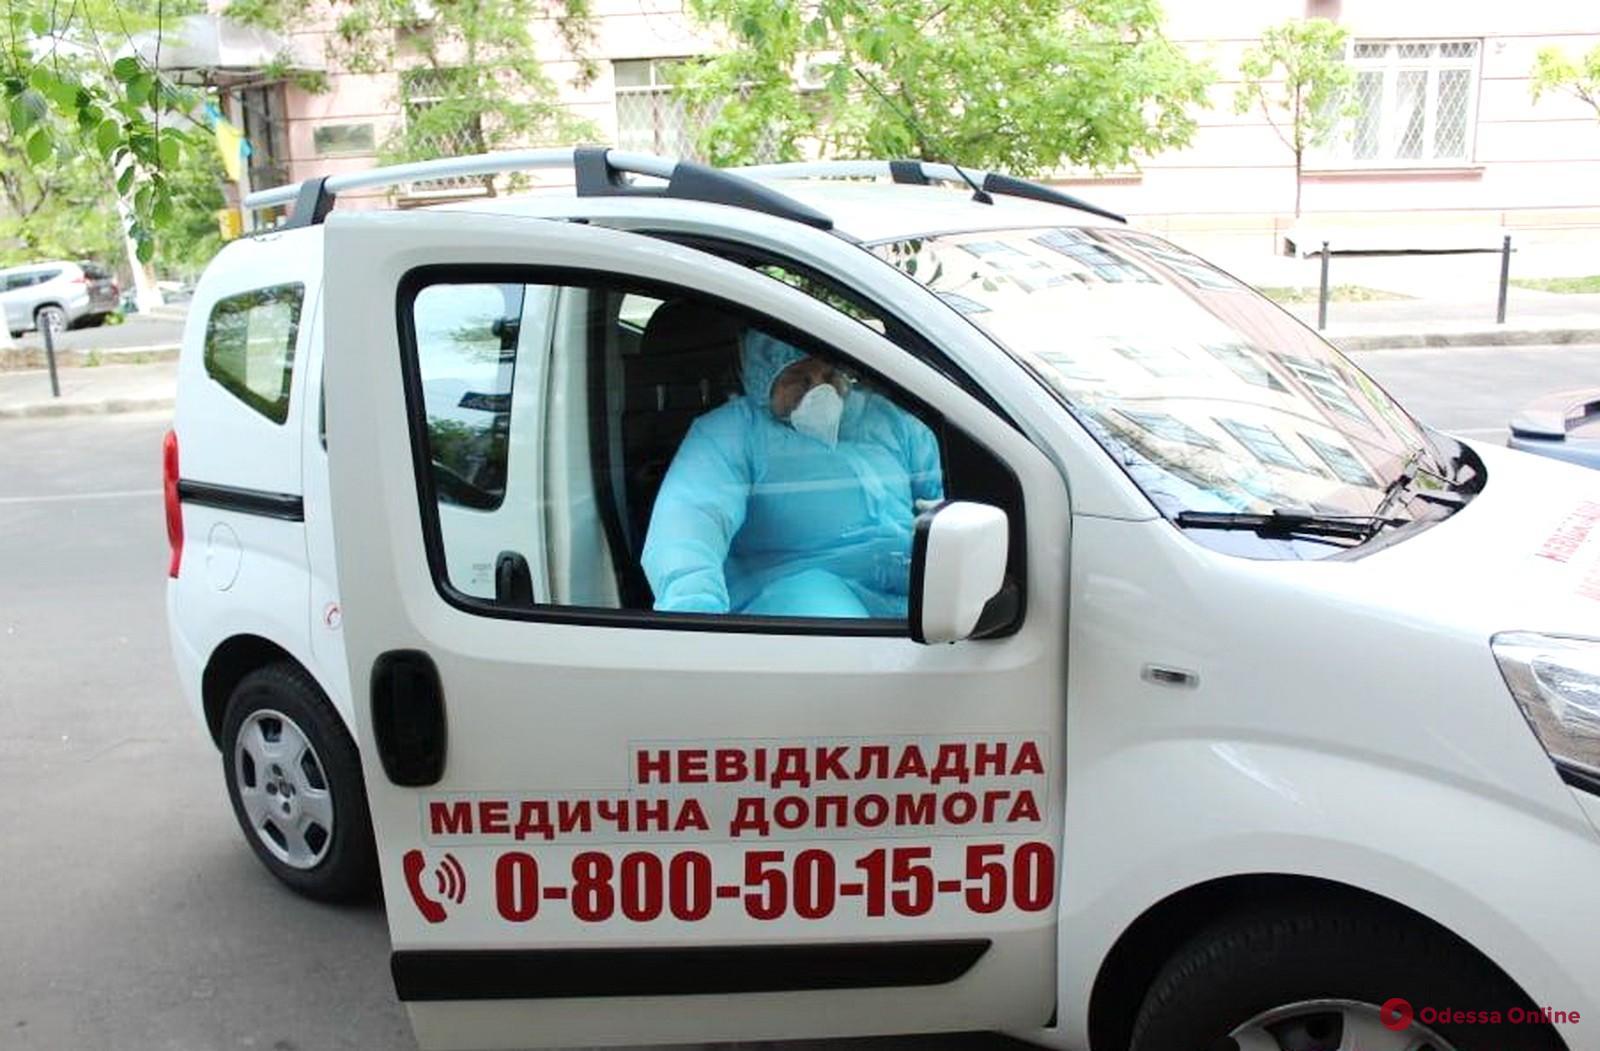 В Одессе создана дополнительная мобильная бригада для диагностики COVID-19